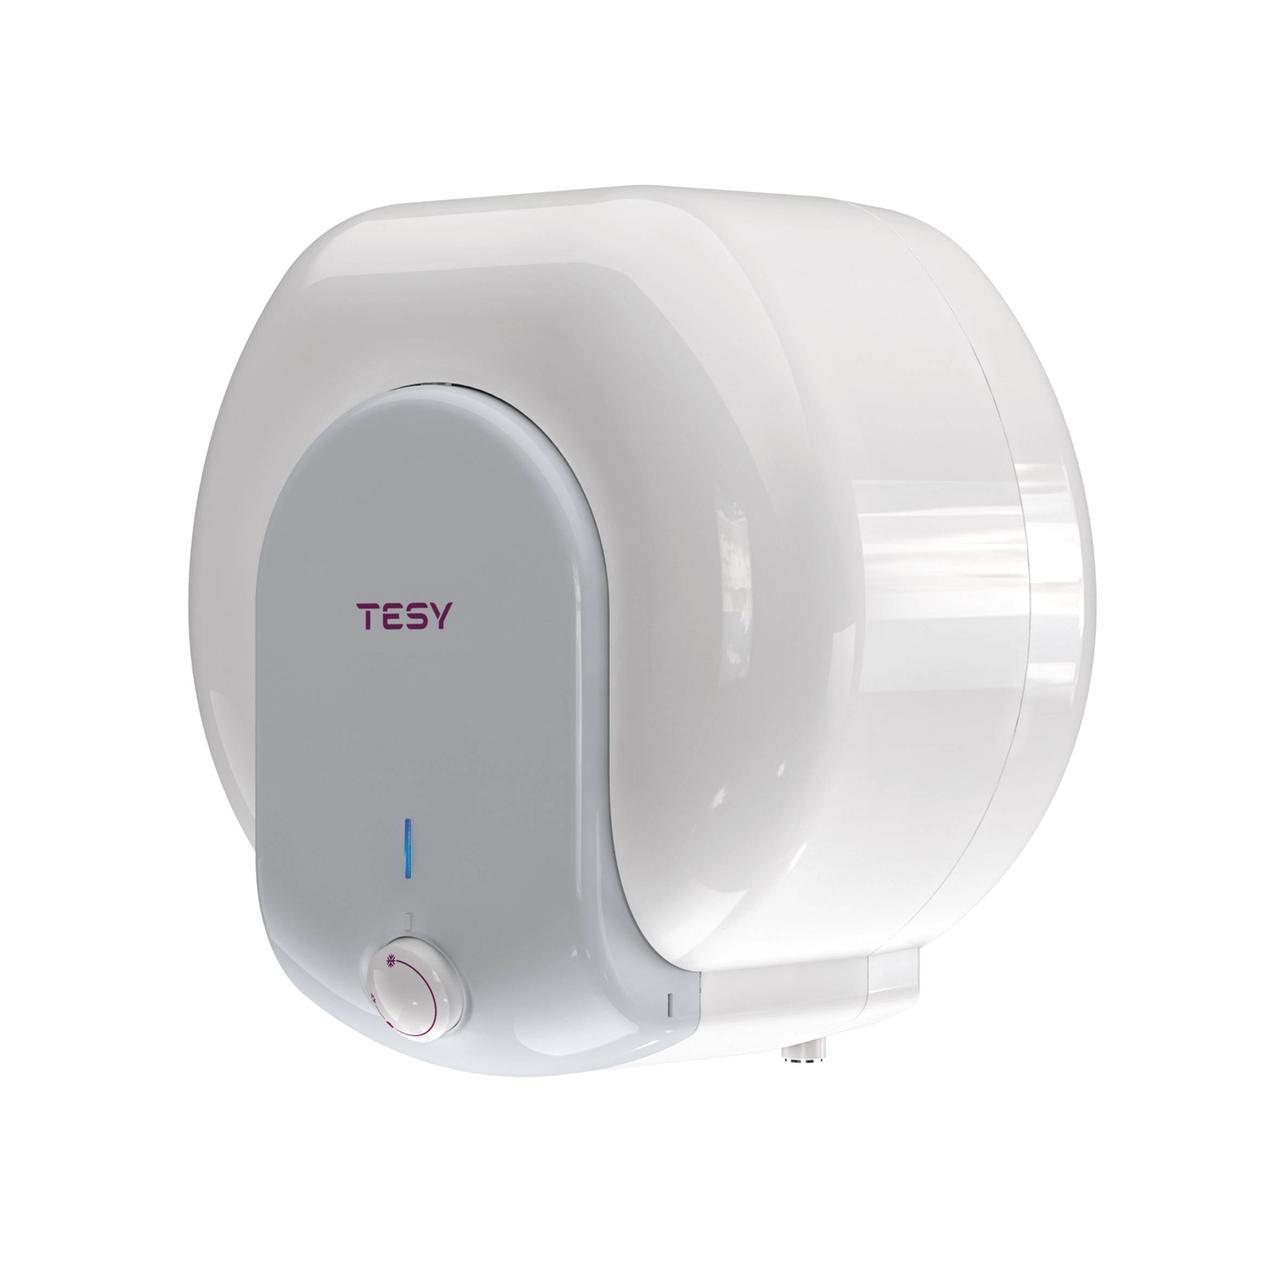 Бойлер Tesy Compact Line GCA 1515 L52 RC для монтажа над умывальником, 15л